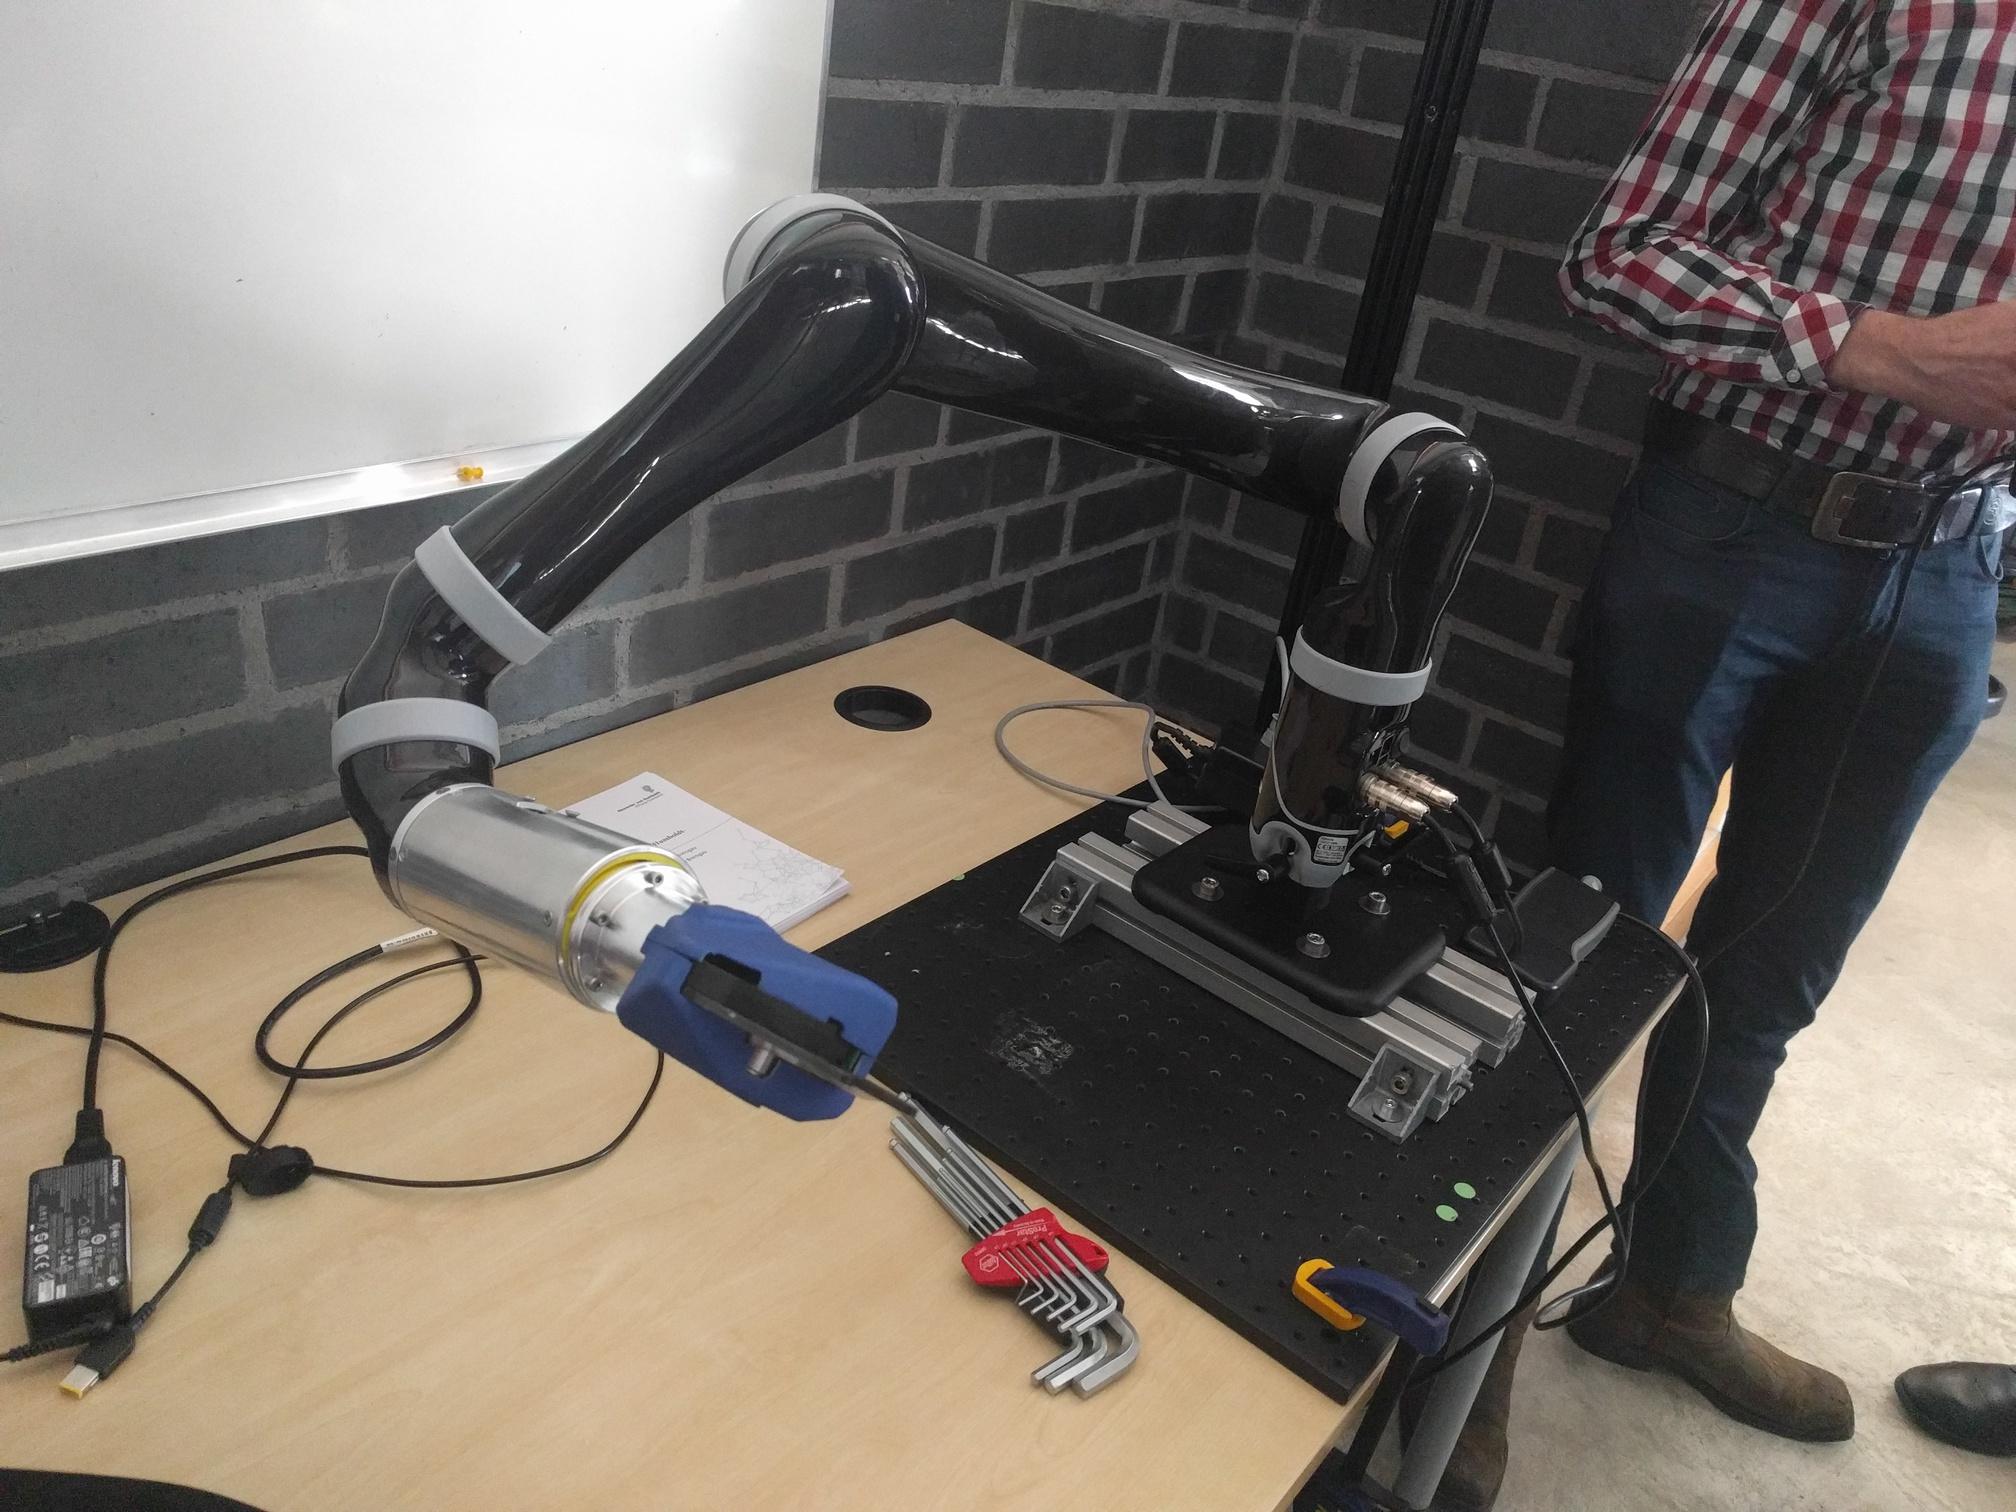 TrimBot2020 robotic arm